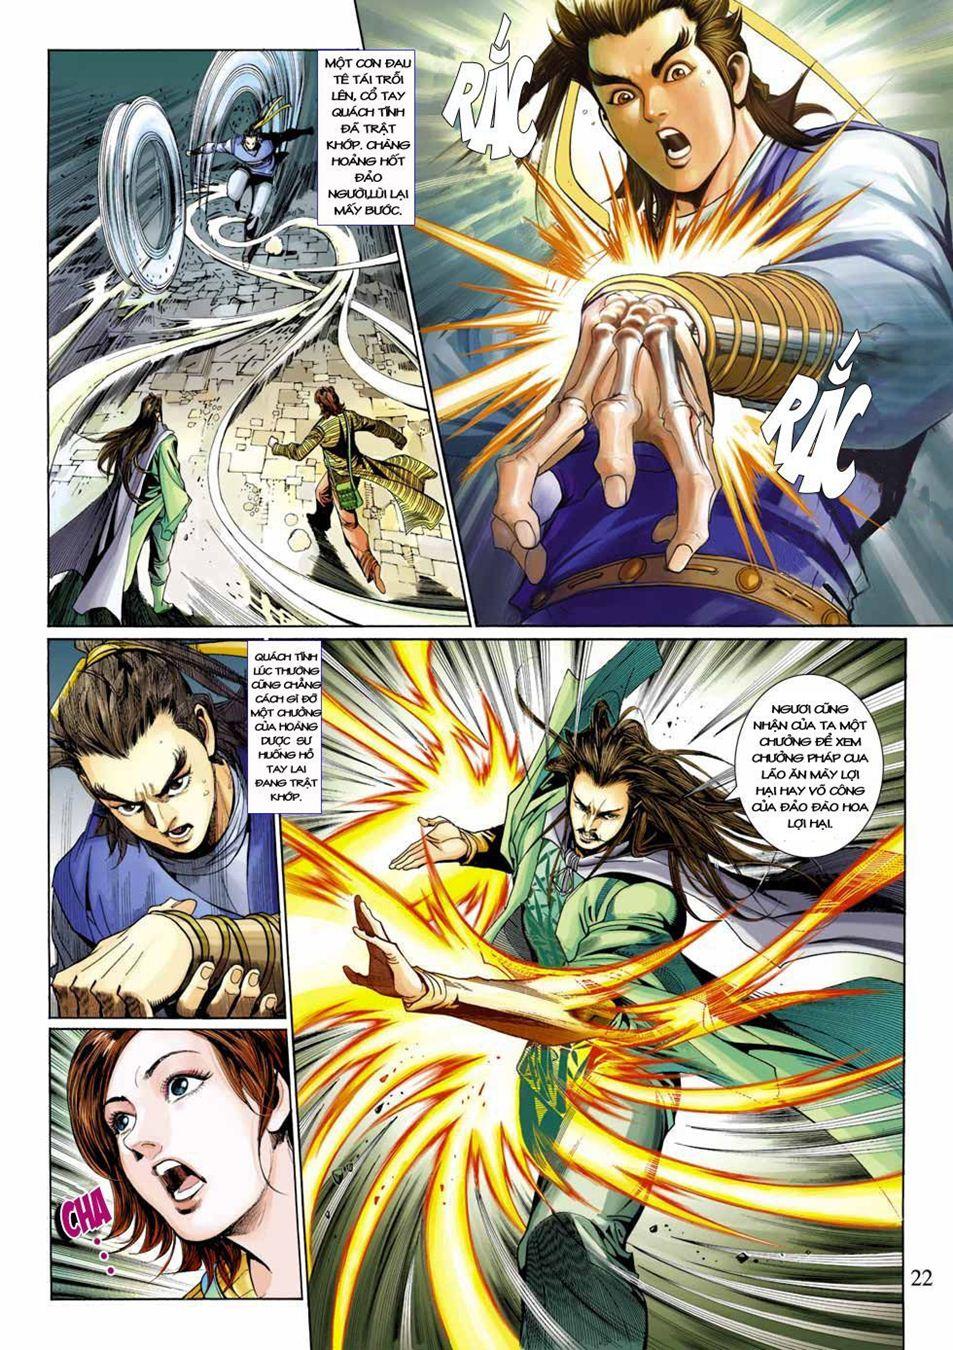 Anh Hùng Xạ Điêu anh hùng xạ đêu chap 33 trang 22